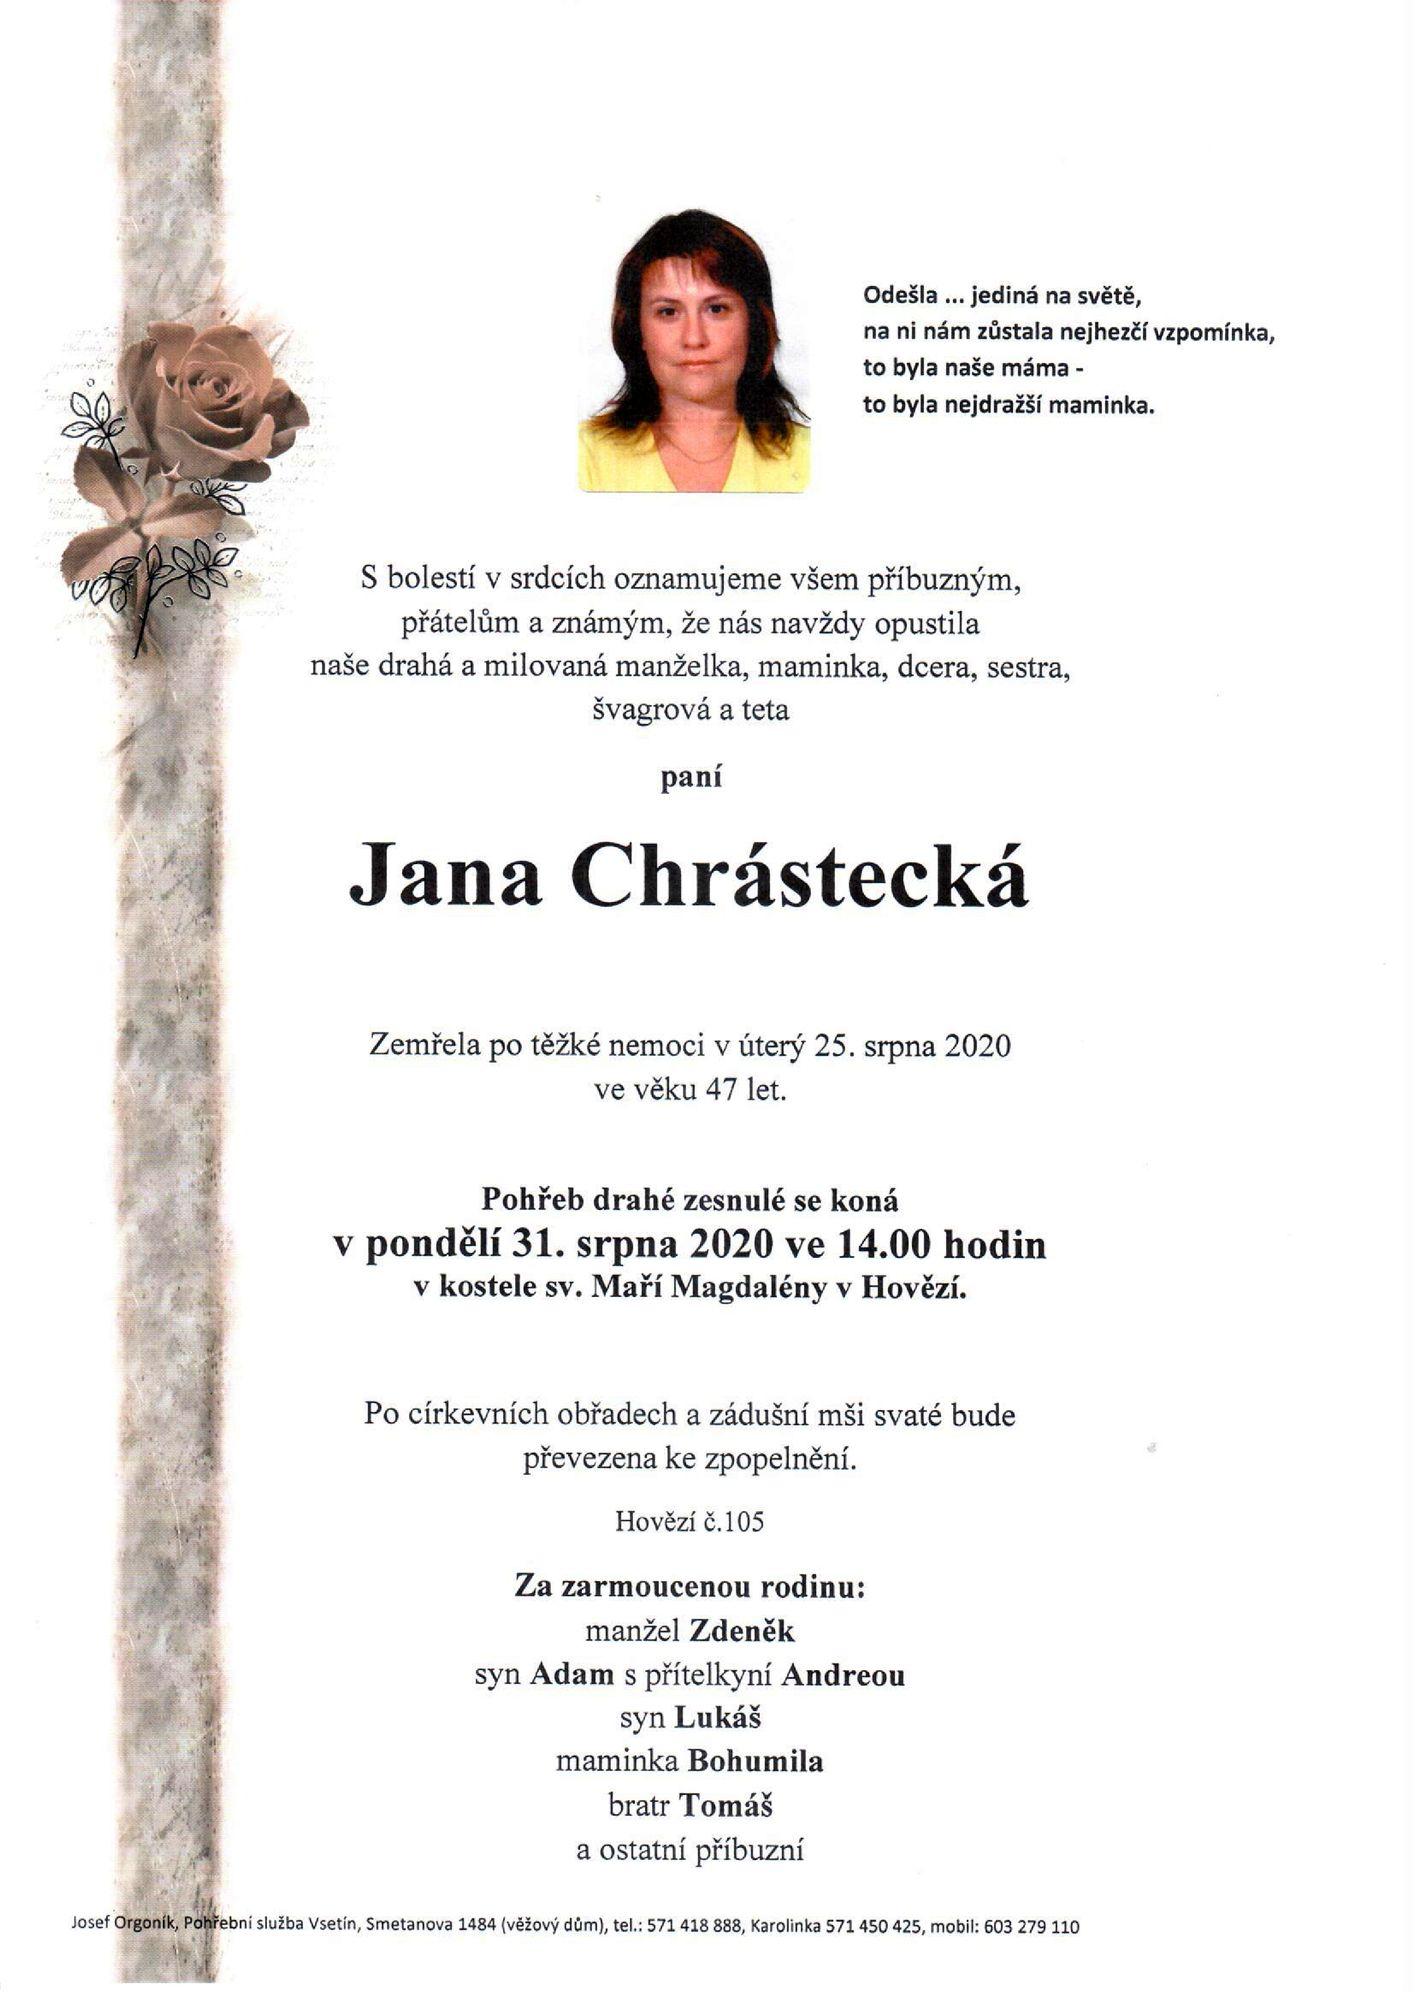 Jana Chrástecká